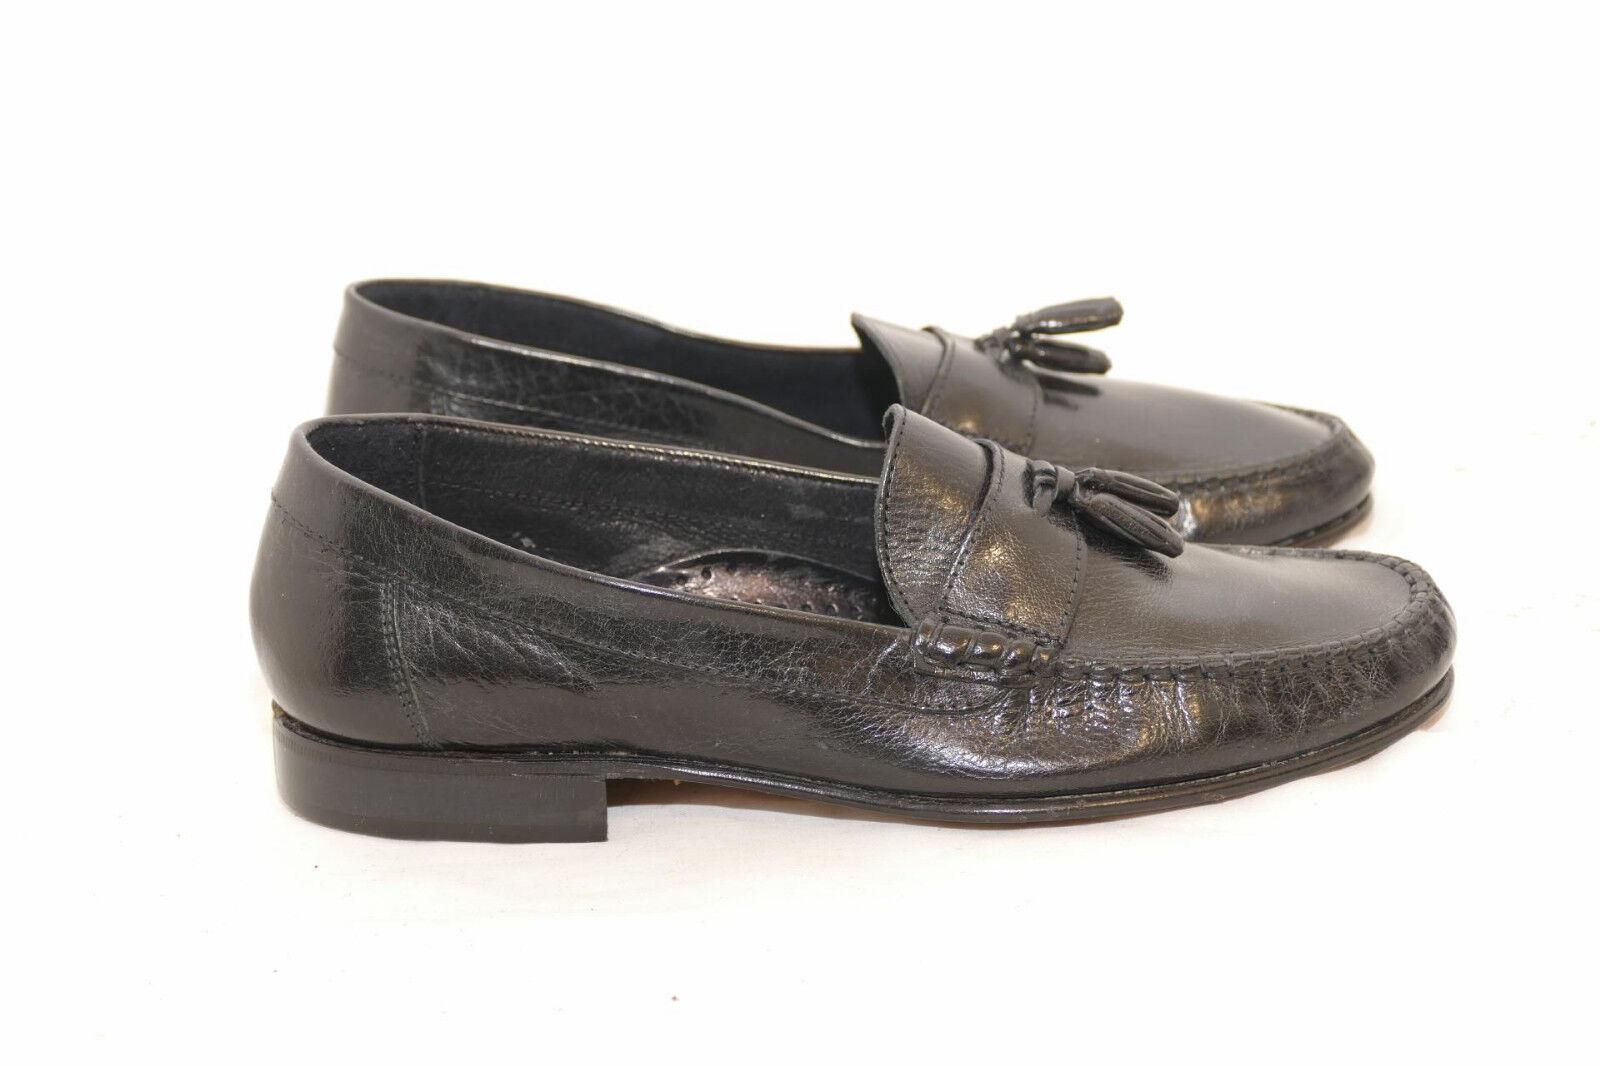 145---GianCarlo Rossi Leder Slipper  schwarz handmade Leder Rossi Gr. 40 -Gian Carlo c15fd4